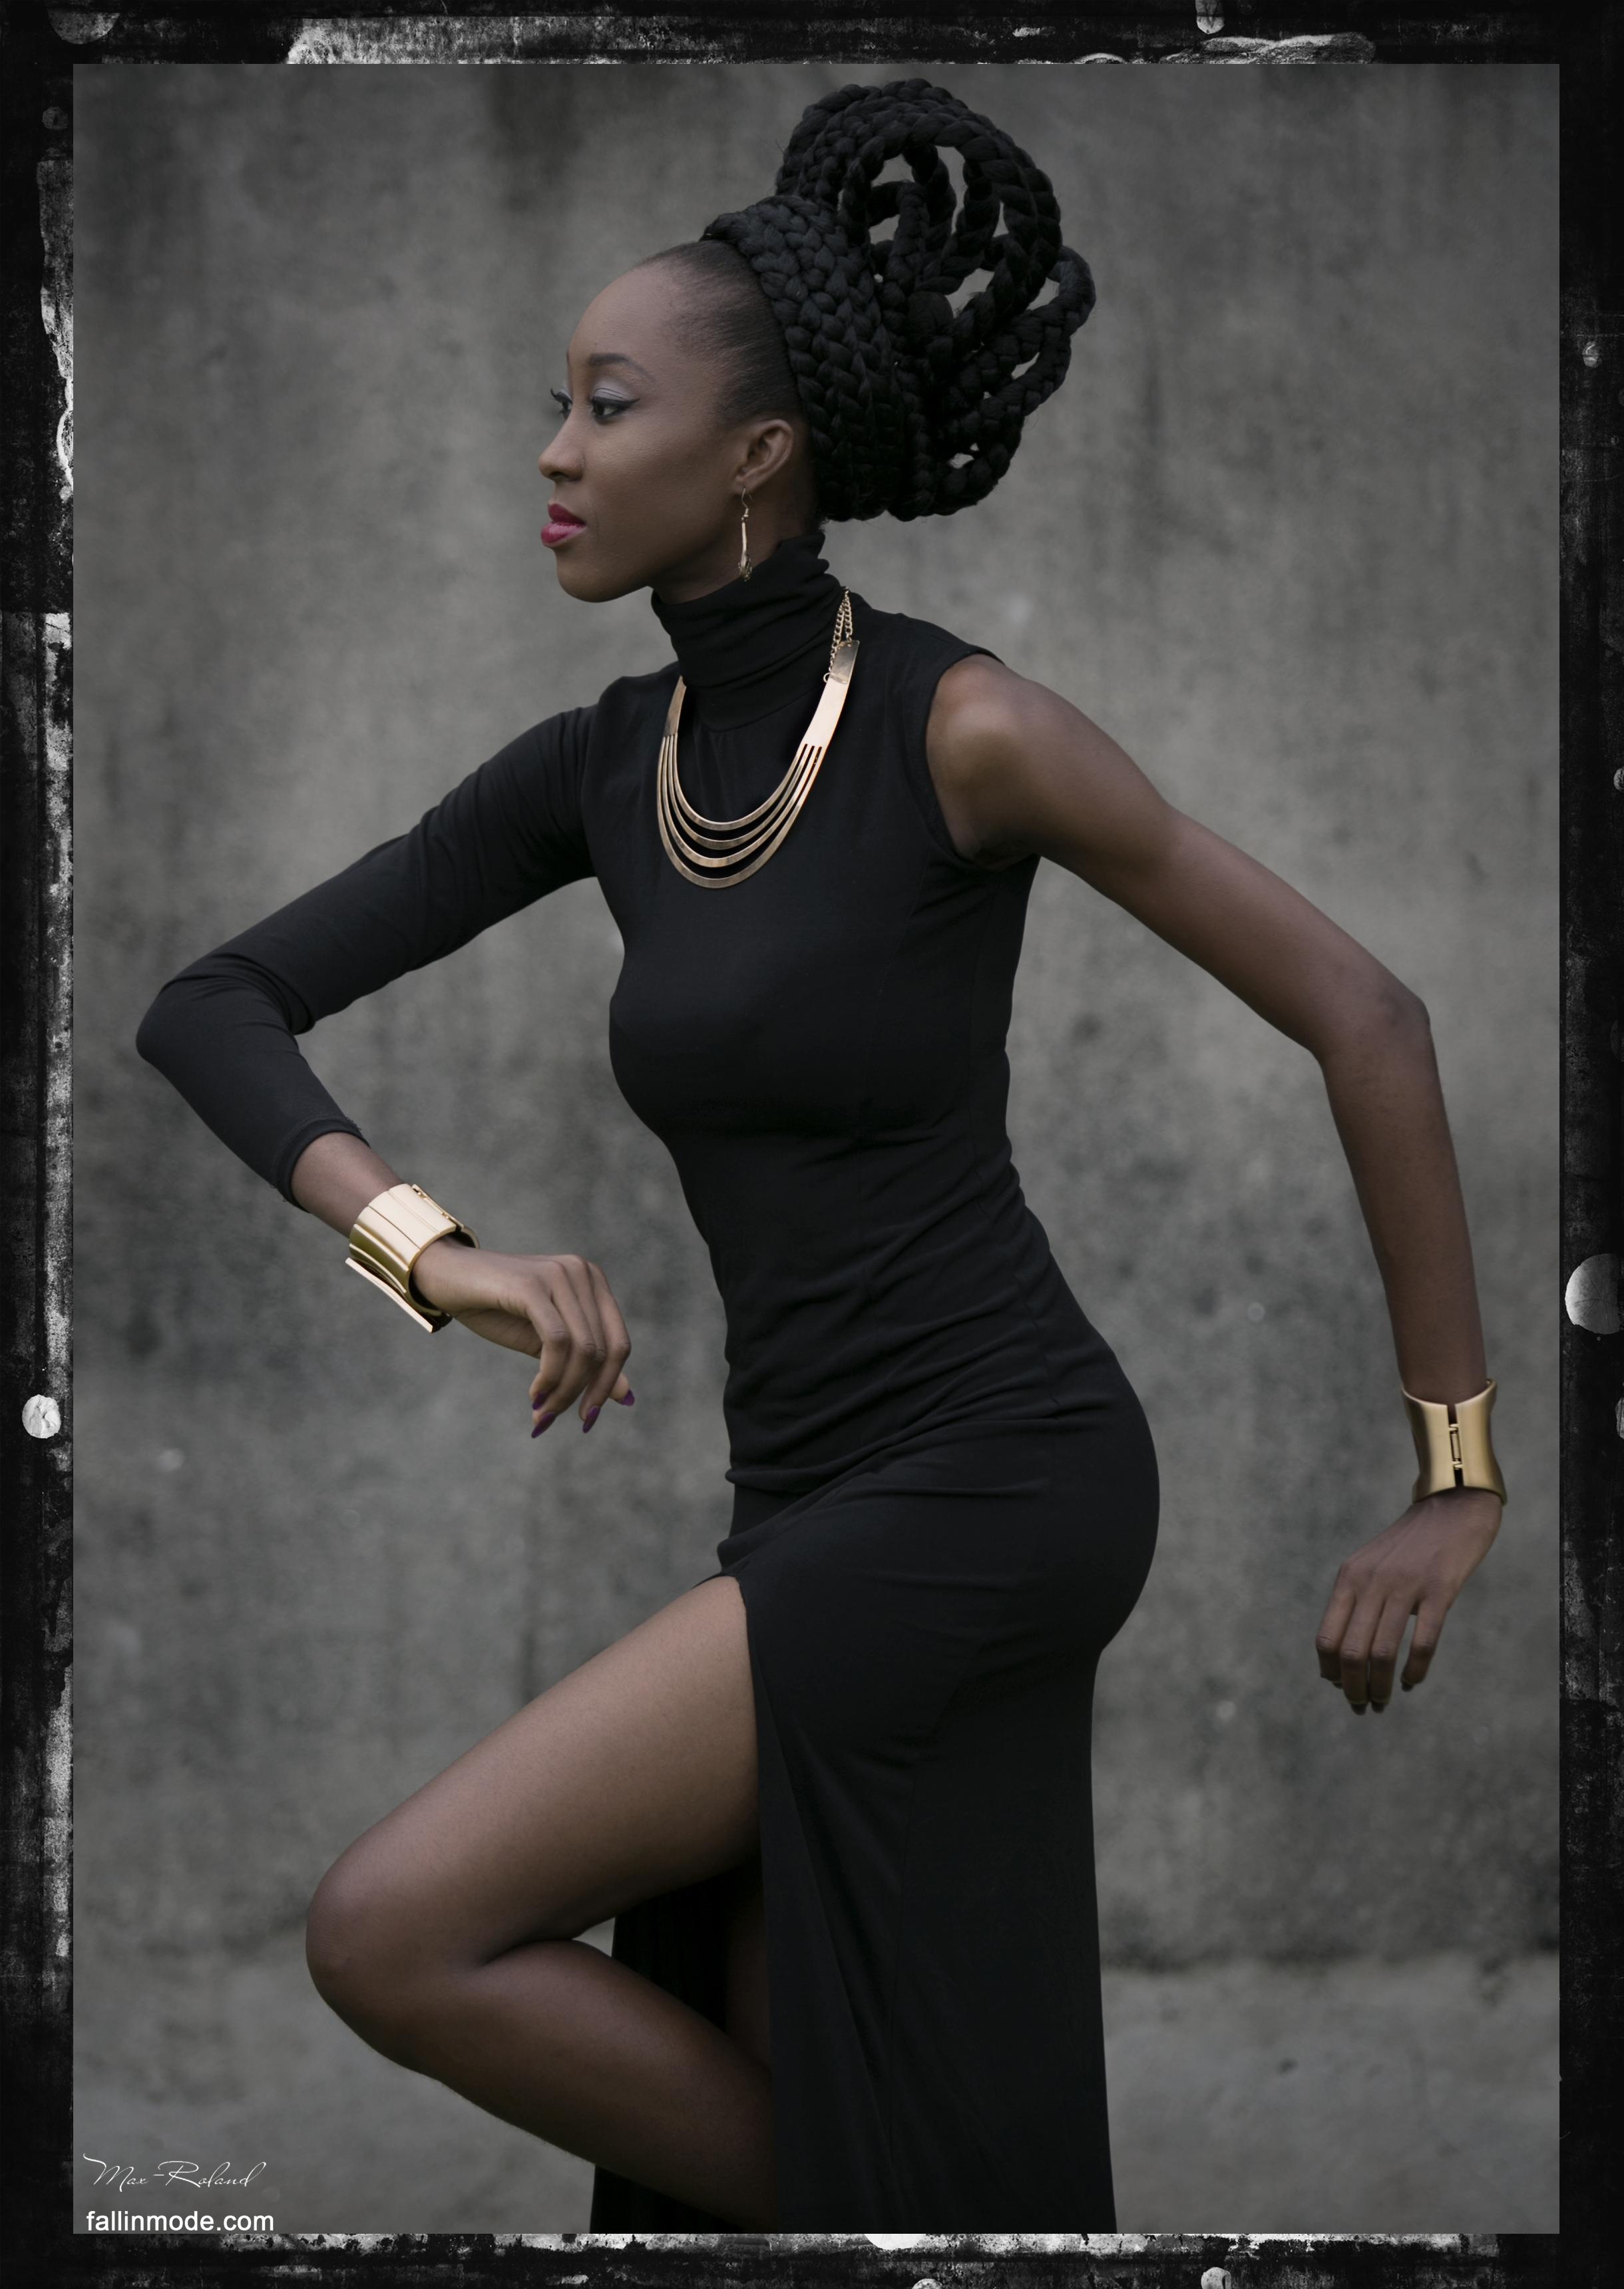 Sénato_Dieudonné_Coiffure_Hairstyle_Afrikfashion_mode_ivoirienne_Amenan_Tanoh